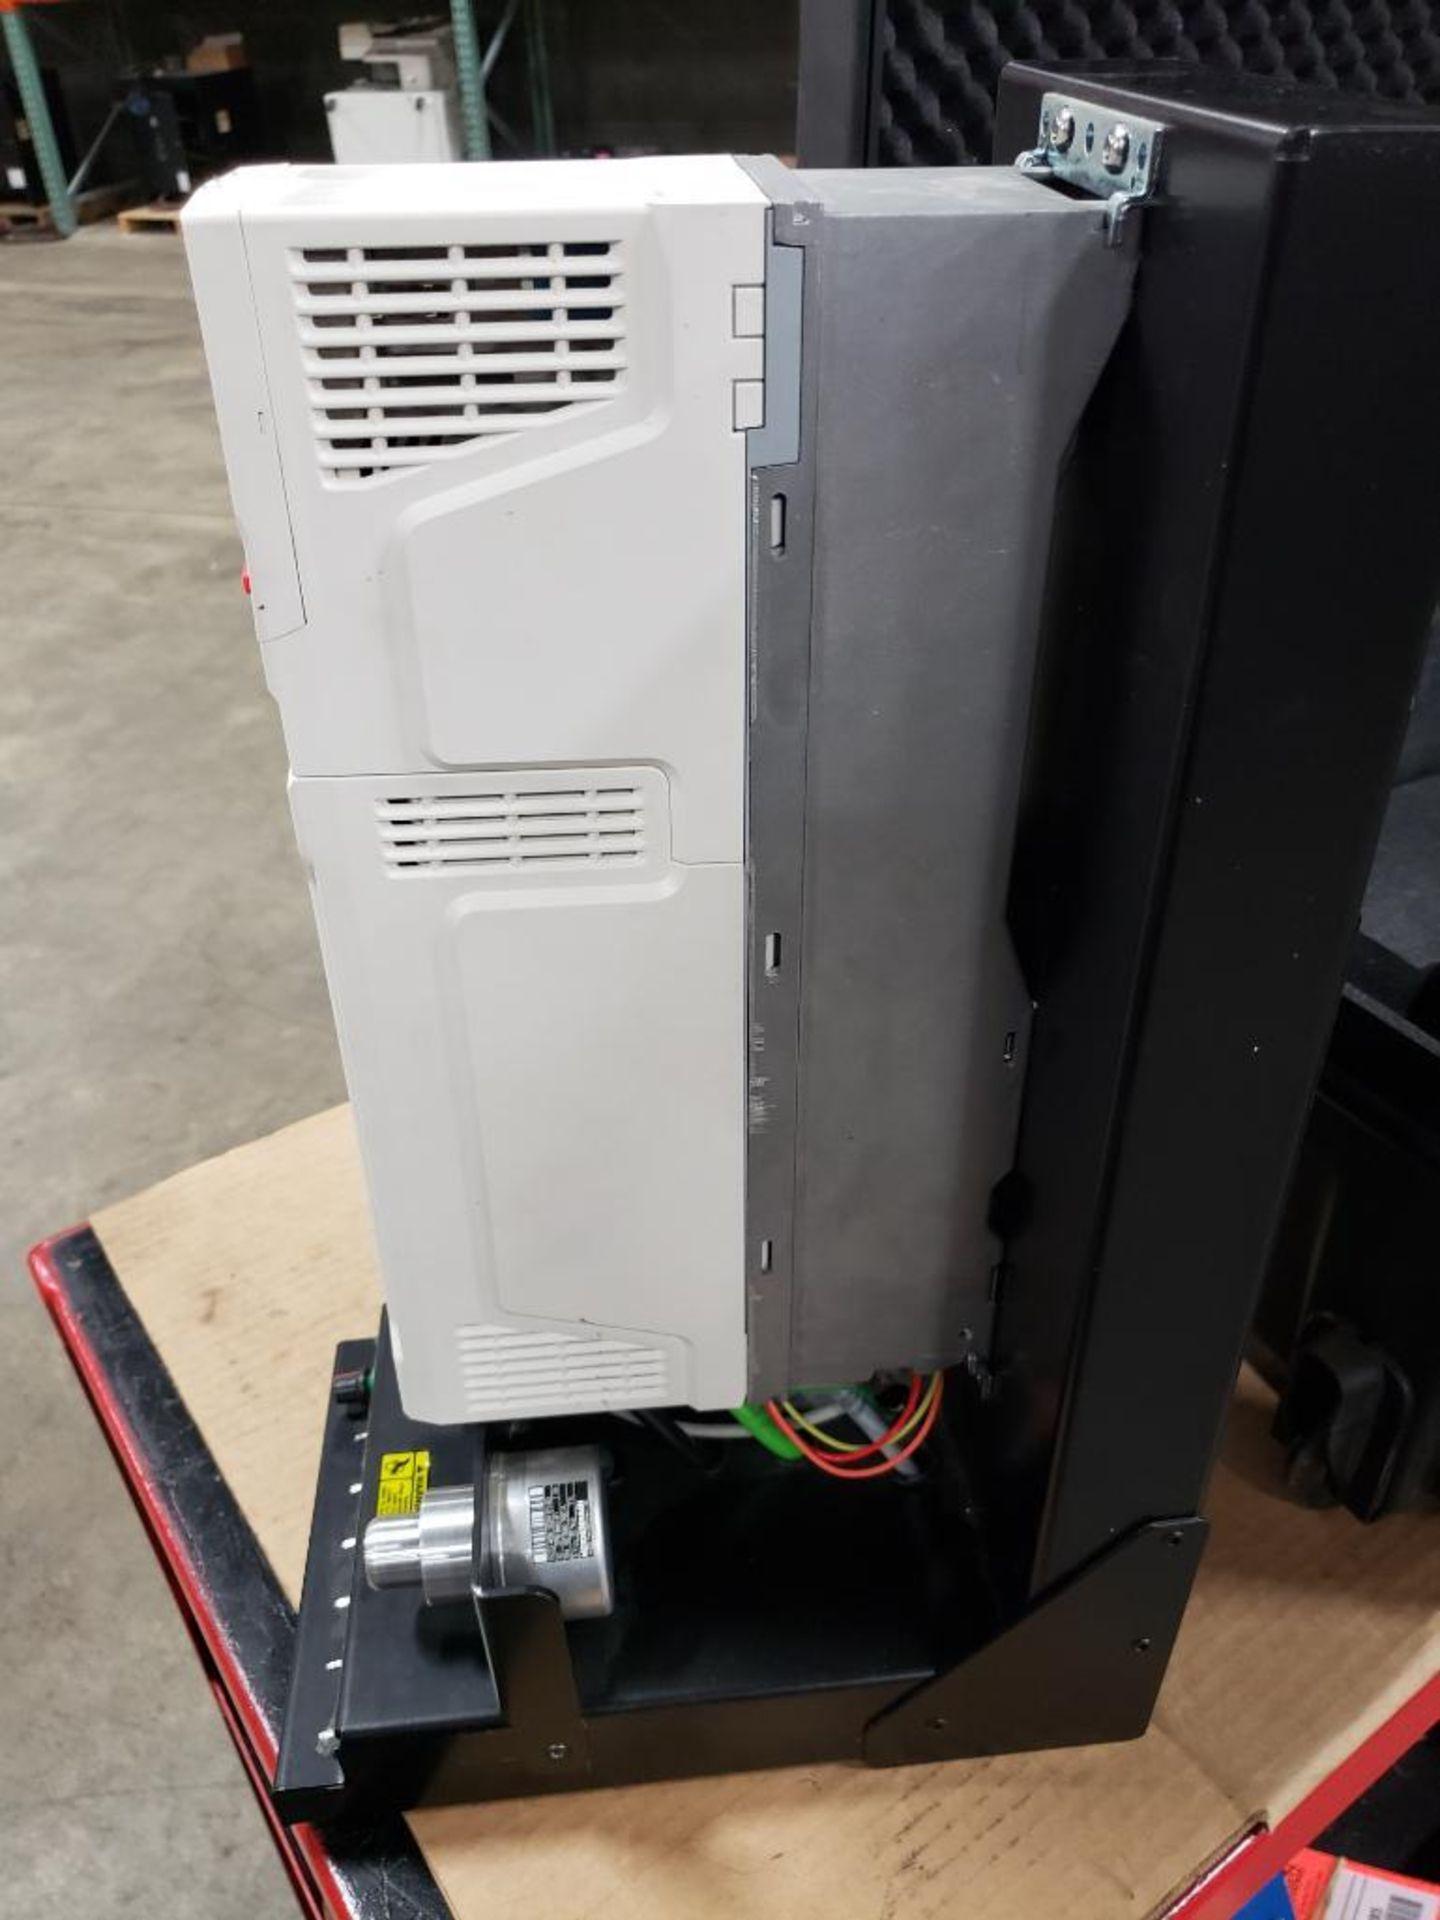 Travel test diagnostic Emerson drive unit. Emerson control Techniques DCM700. Unidrive M701. - Image 20 of 21